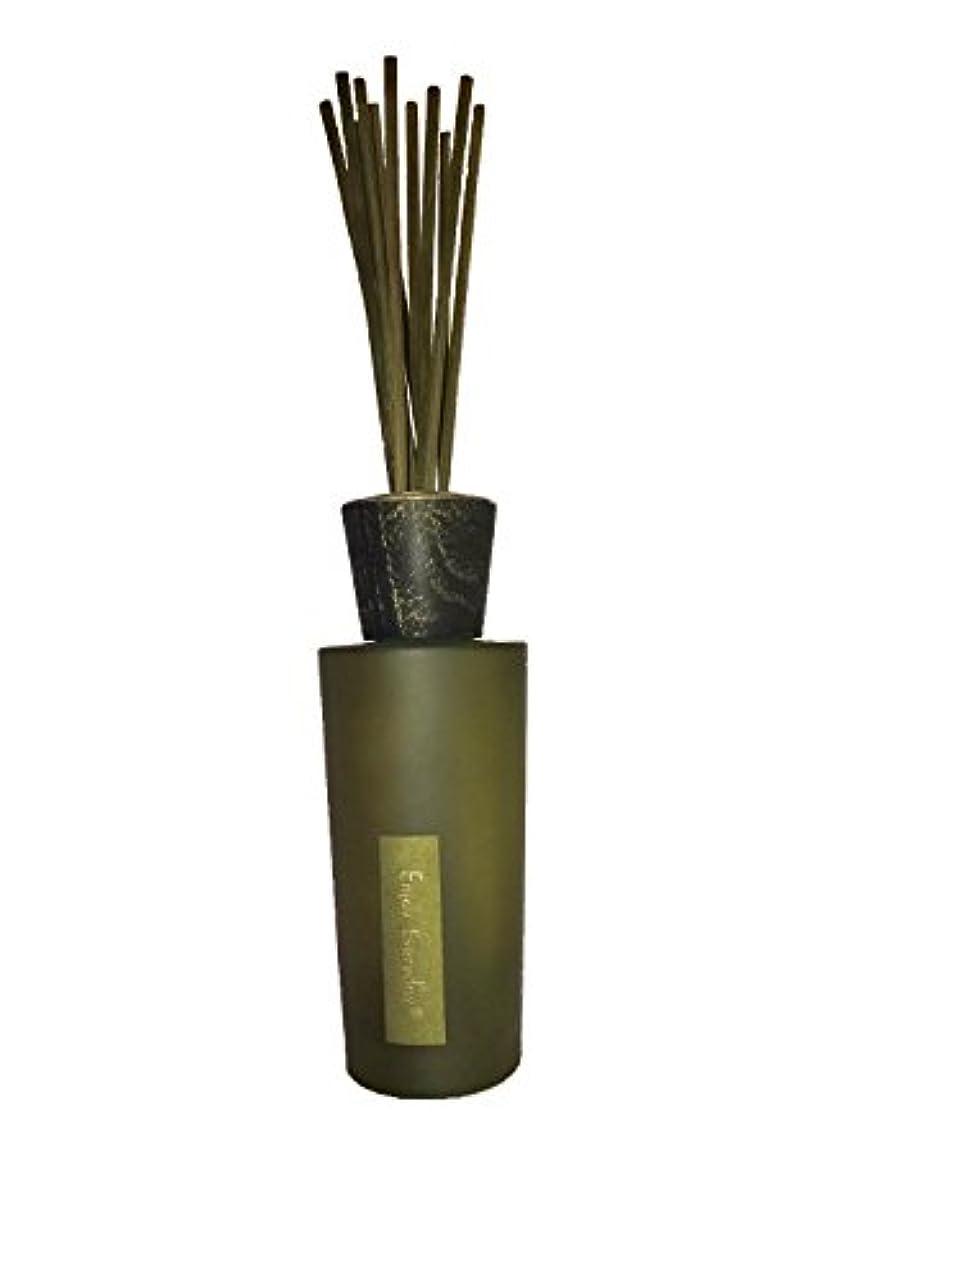 九月突っ込む線形40%OFF!【Branch of Aroma】100%天然アロマスティックディフューザー-9種の香り- (200ml) (Freshソープ)